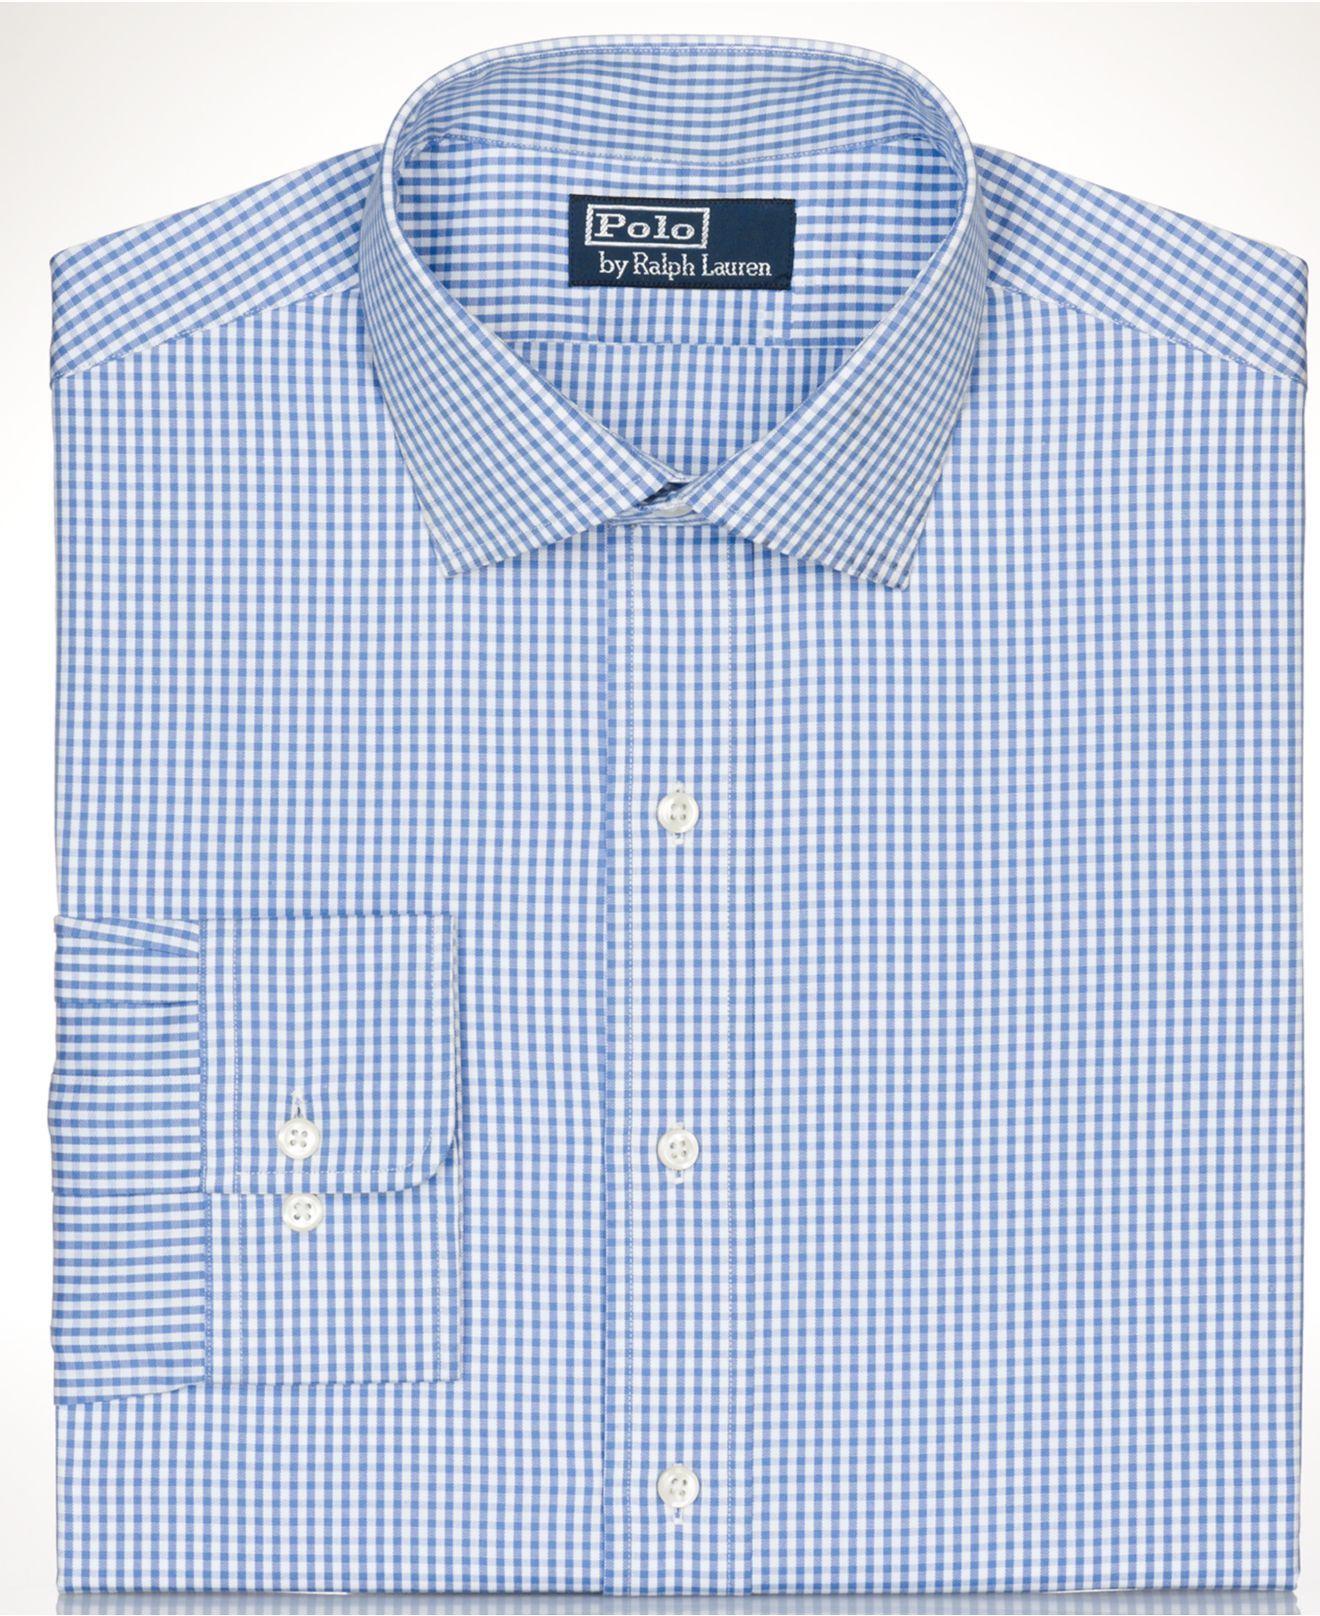 Polo ralph lauren big and tall dress shirt blue gingham long sleeve